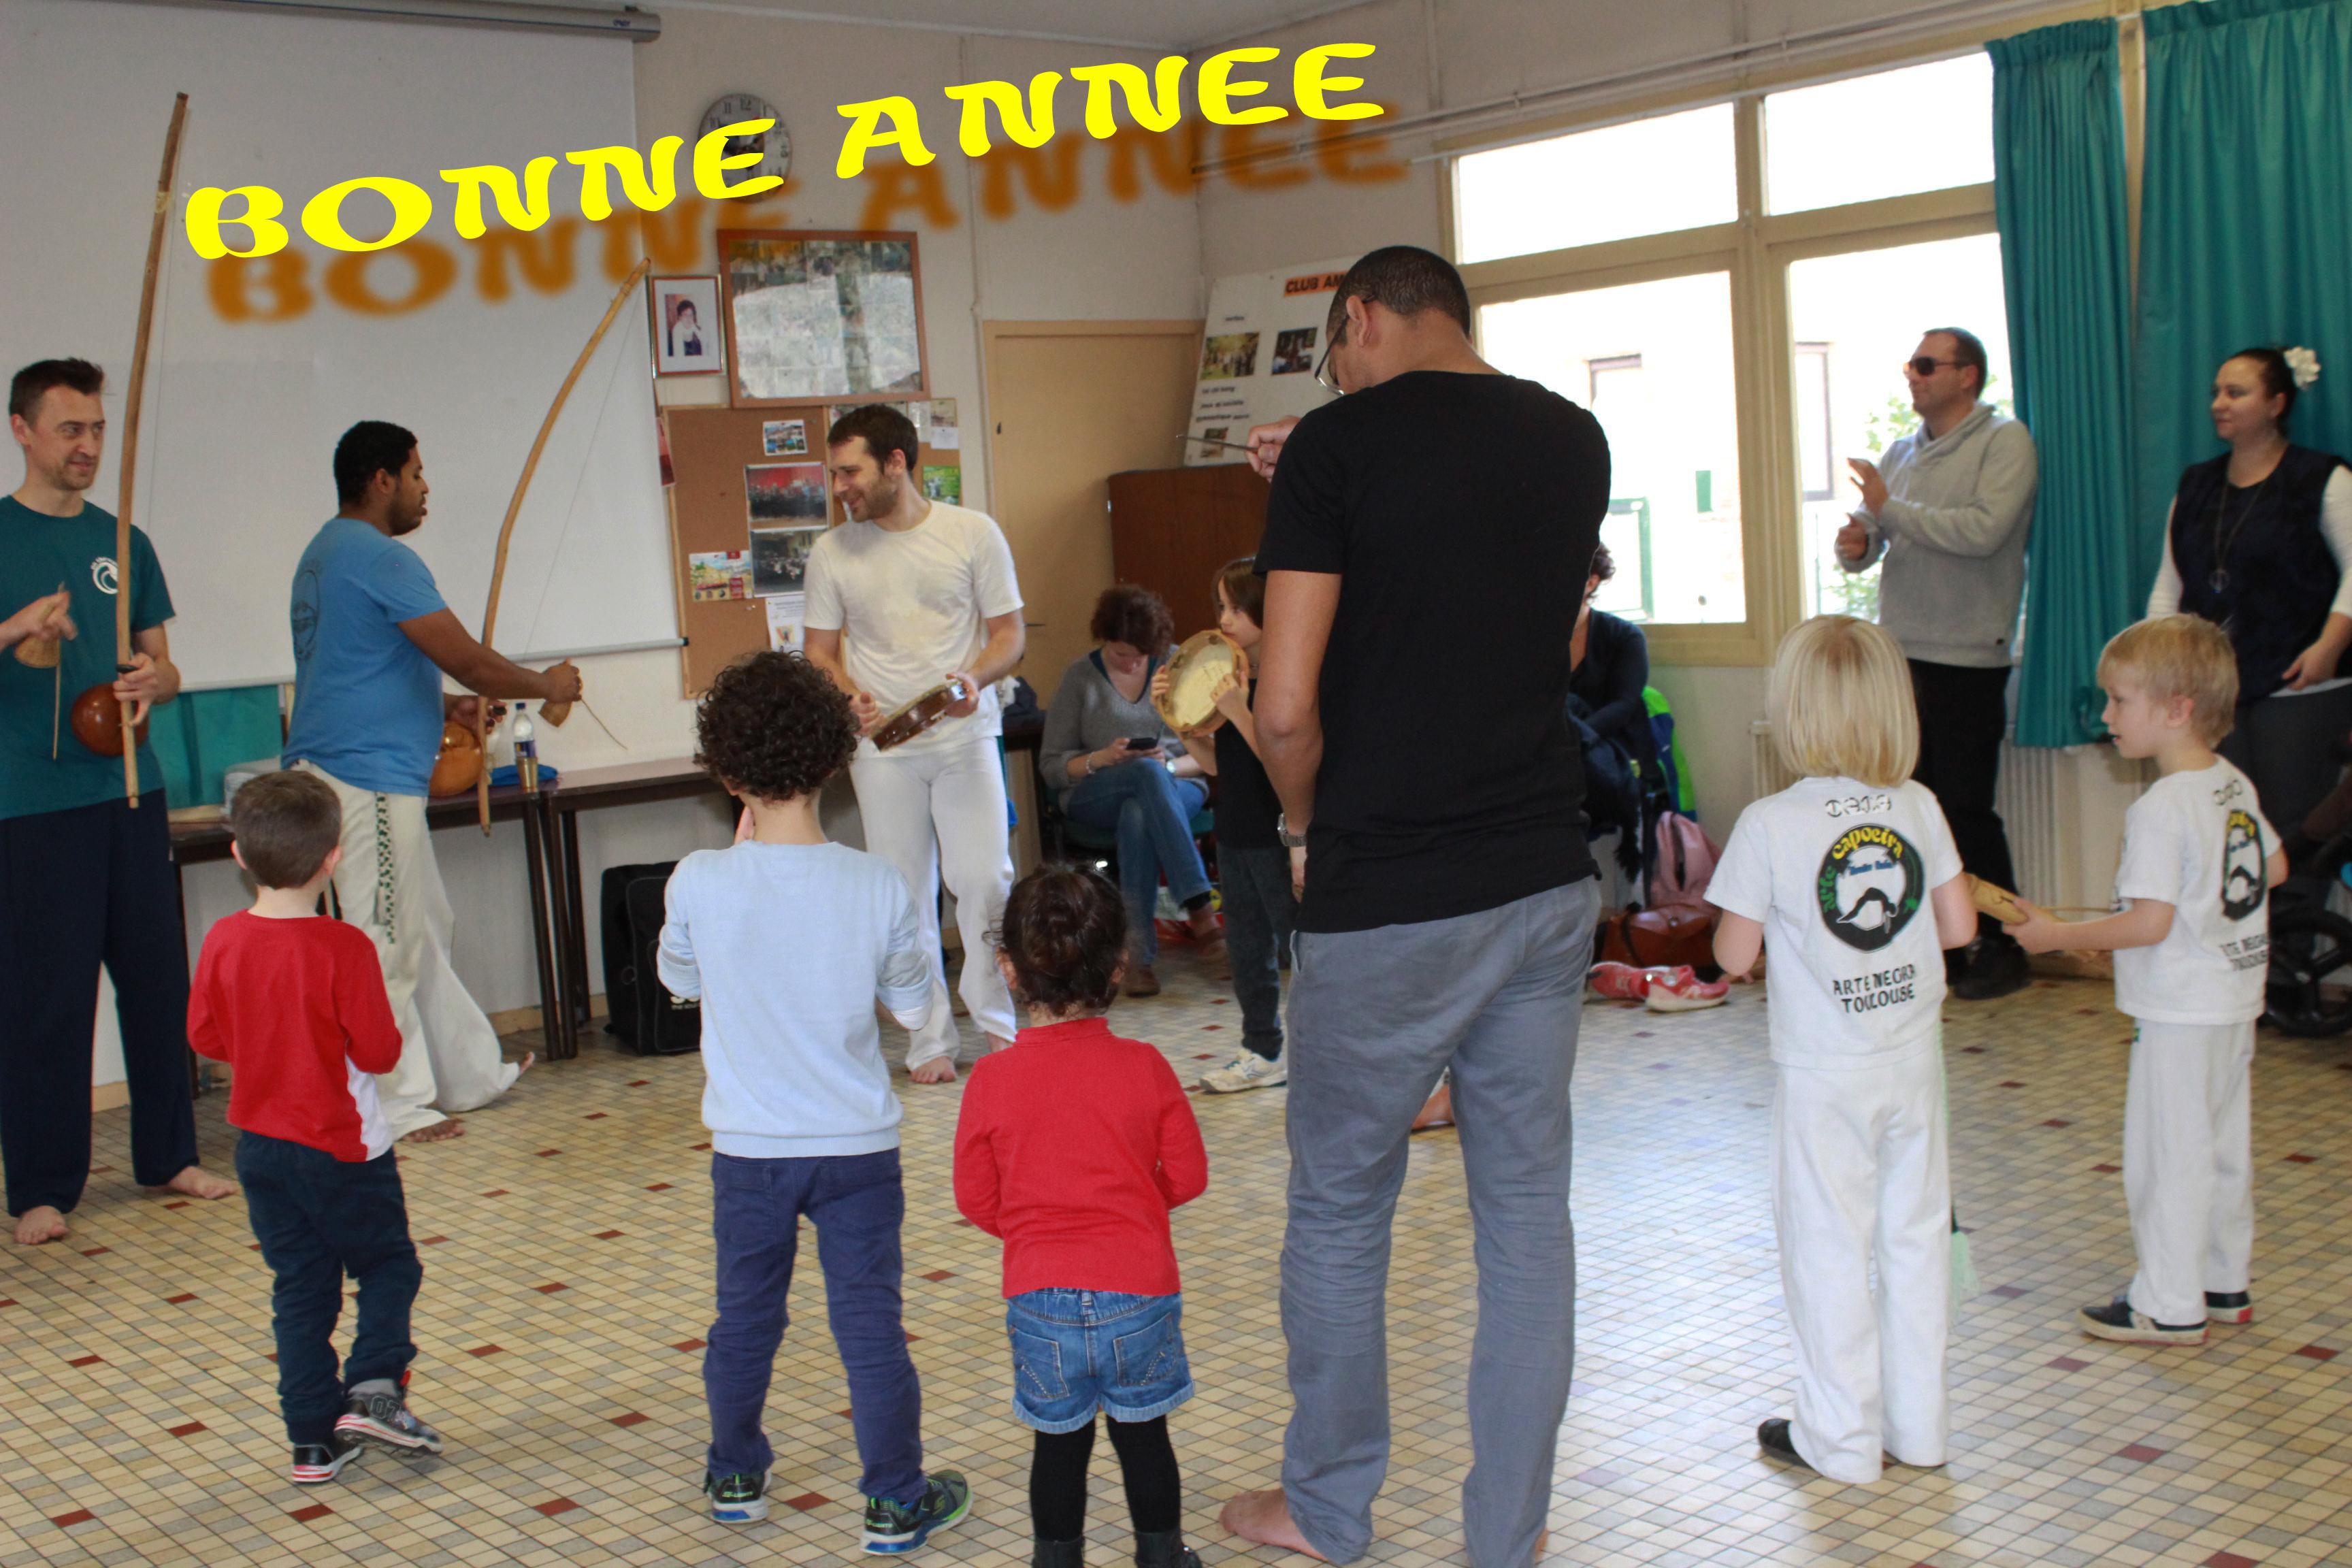 Capoeira labège et bonne année